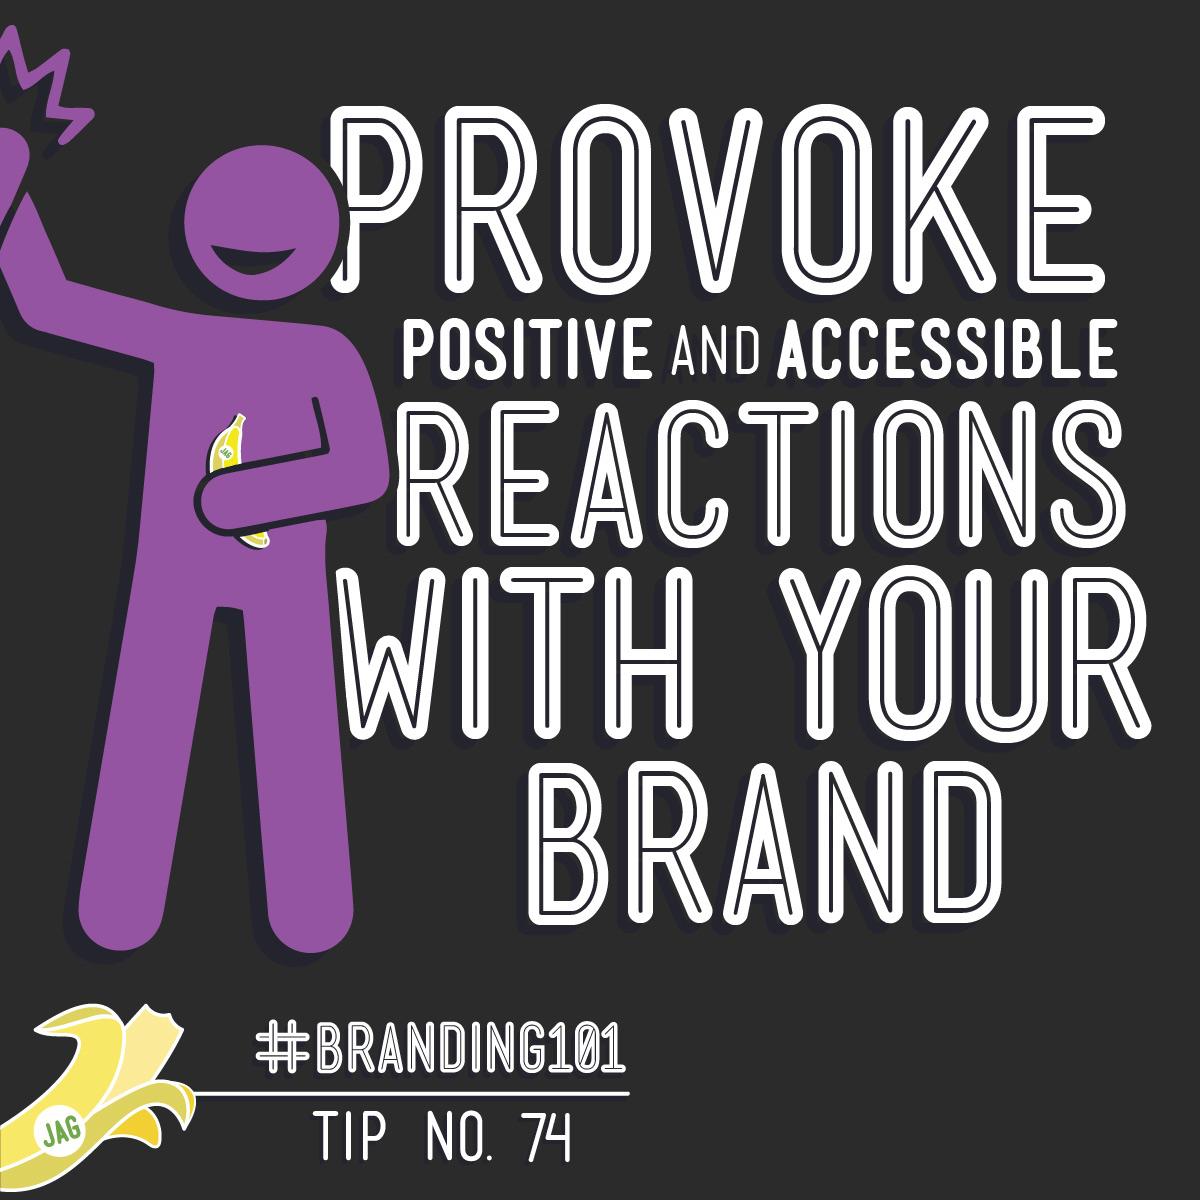 jag-branding-provoke-reactions-EN.jpg